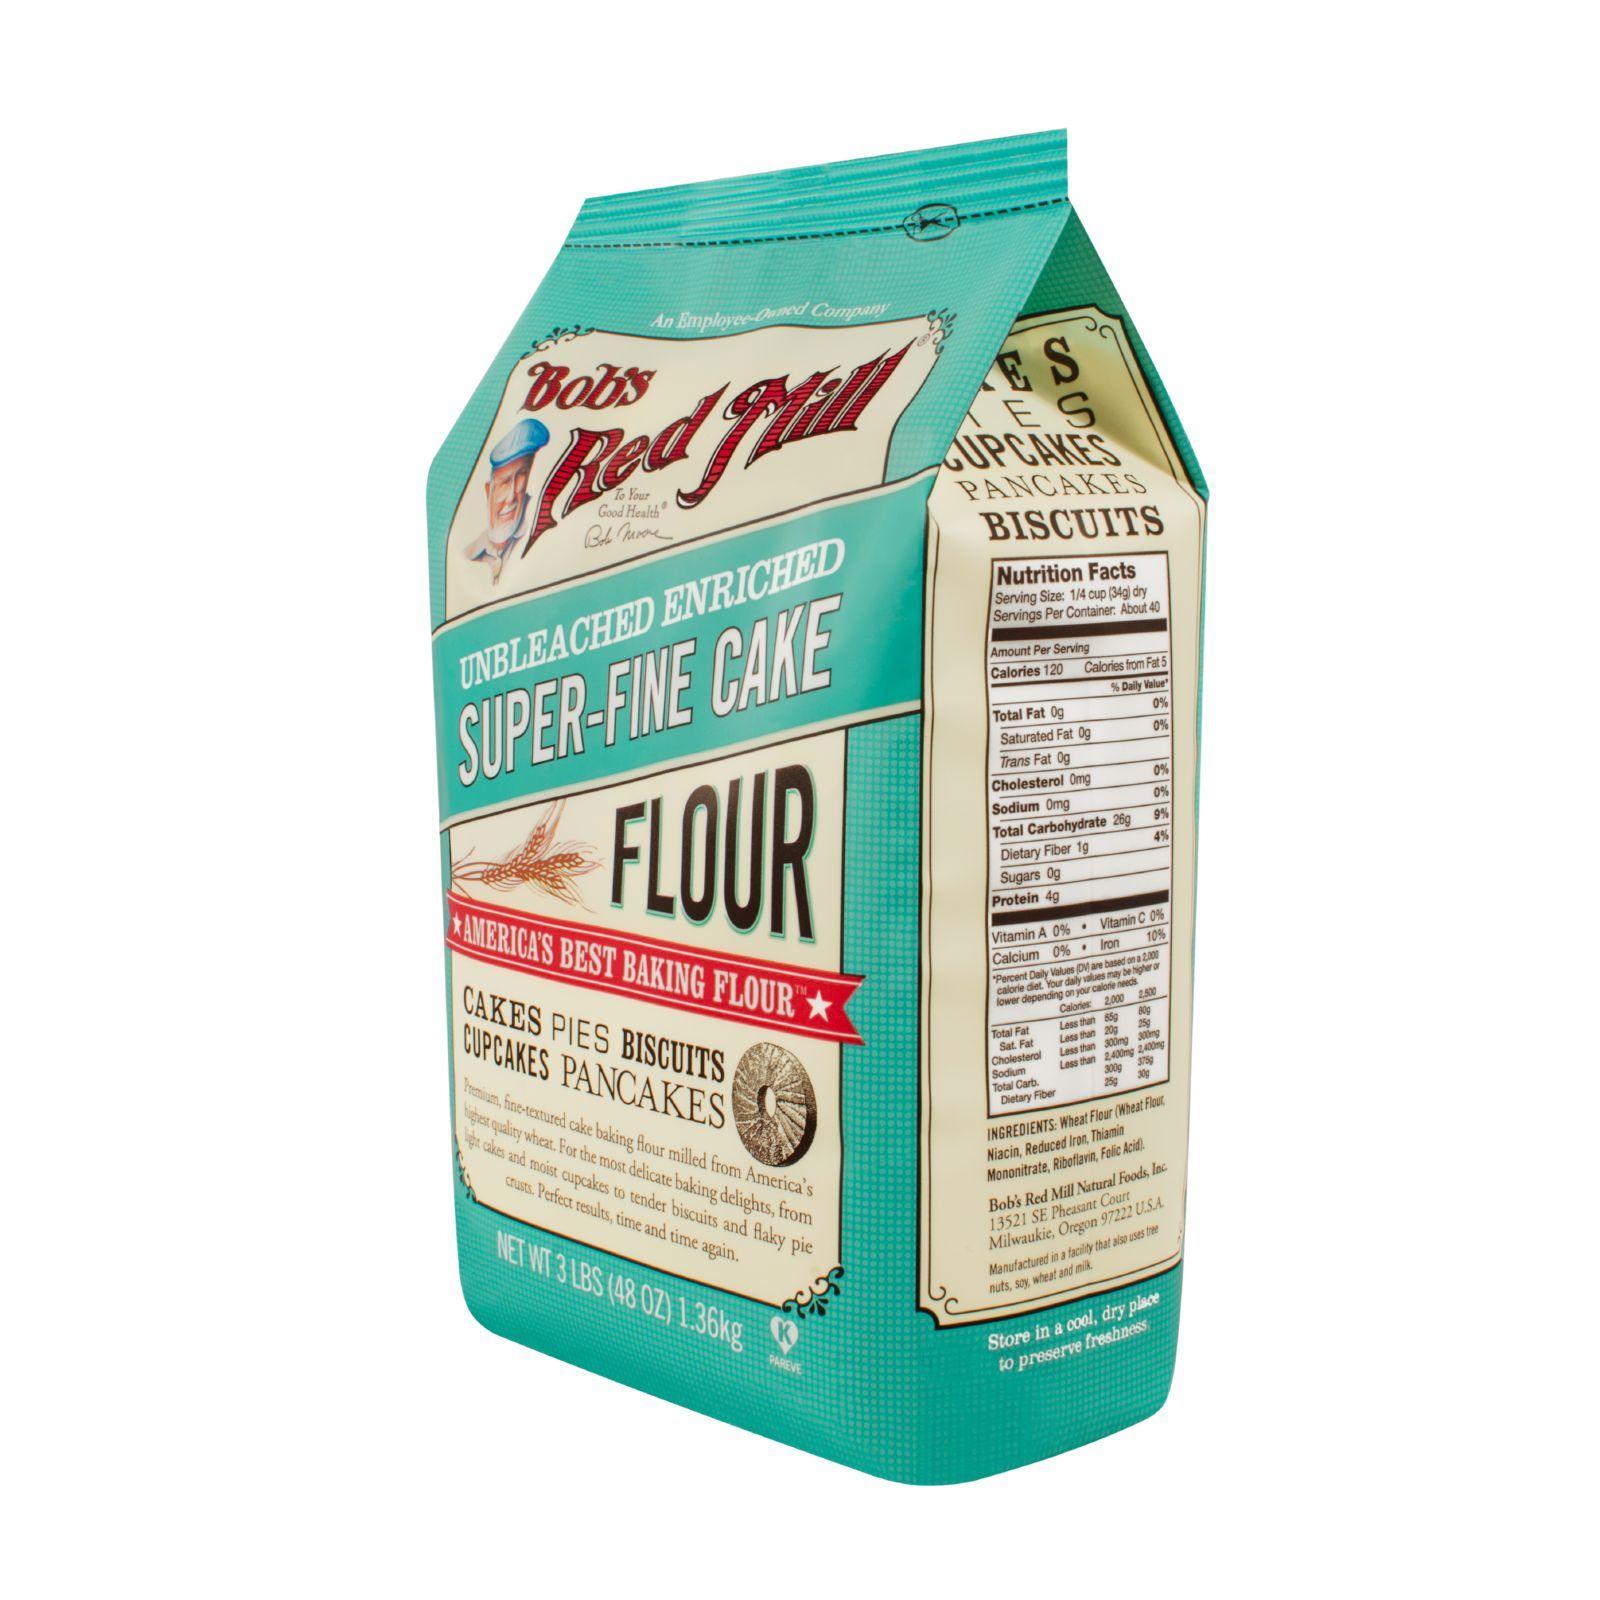 Bob's Red Mill Super-Fine Cake Flour - 48 oz - Case of 4